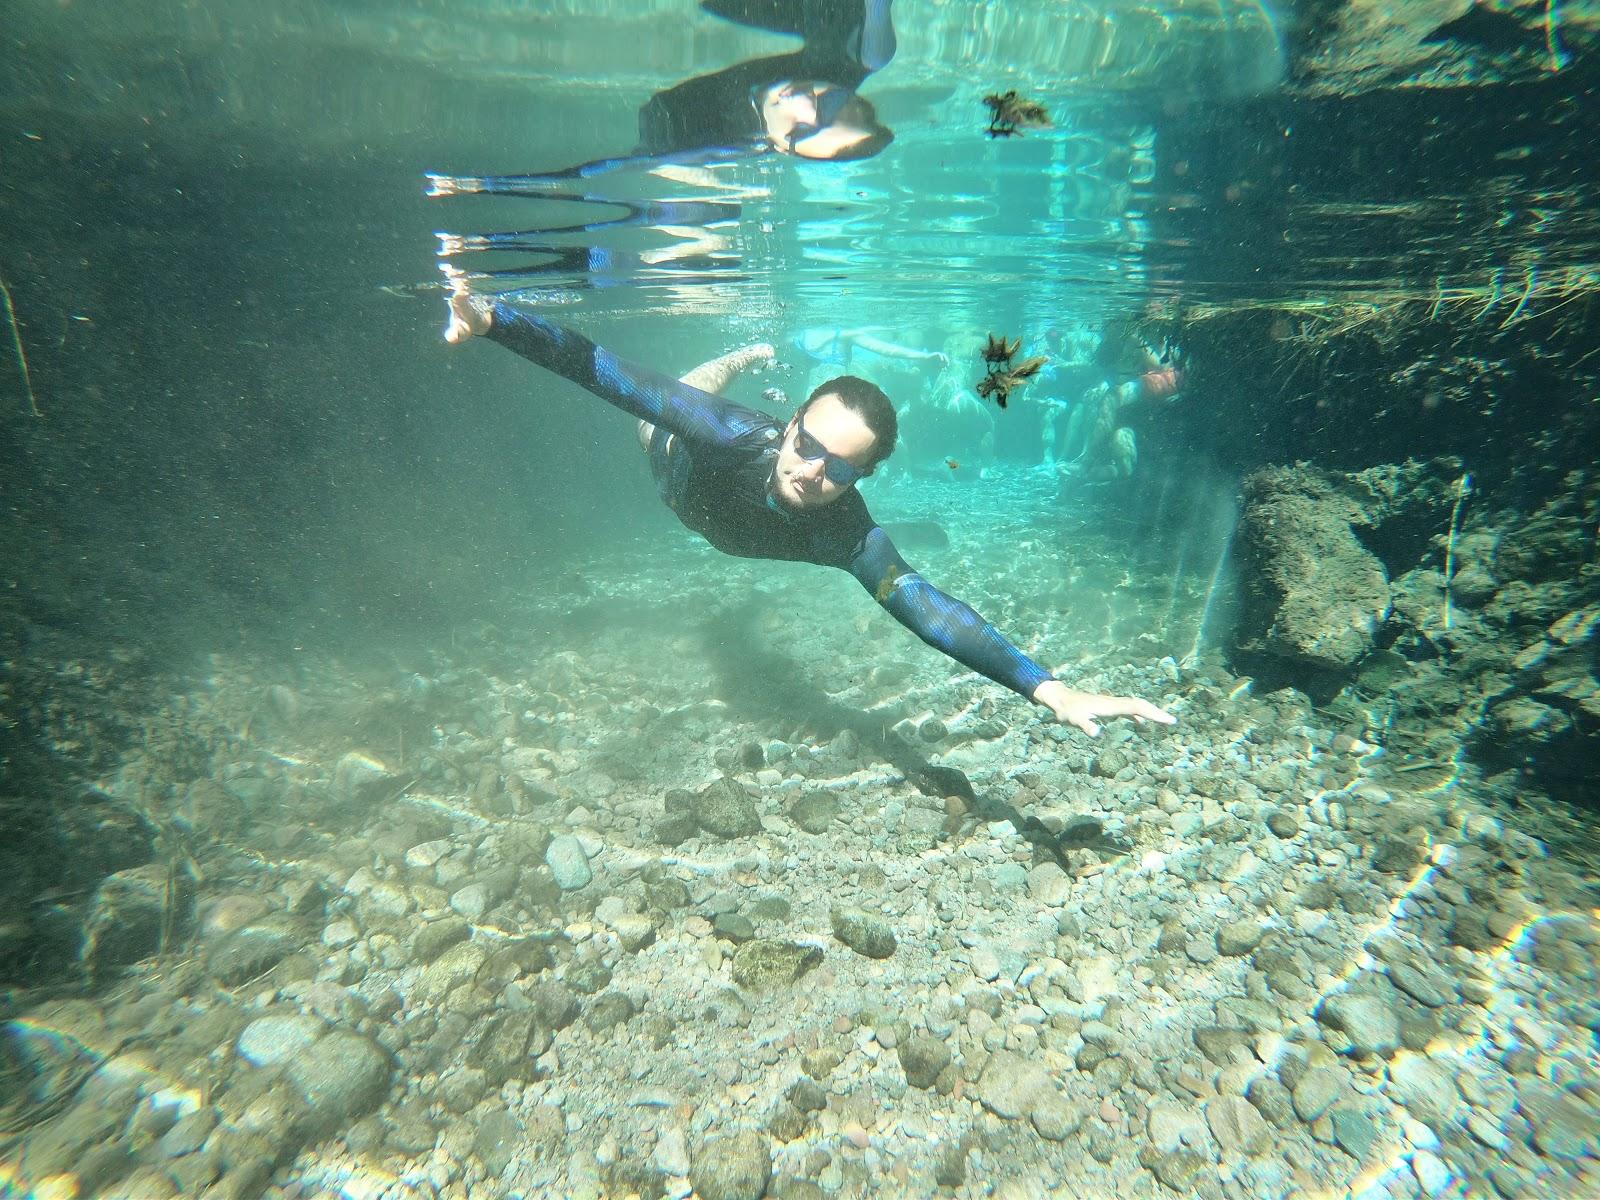 Homem nadando em águas transparentes dos Termas de Puritama.